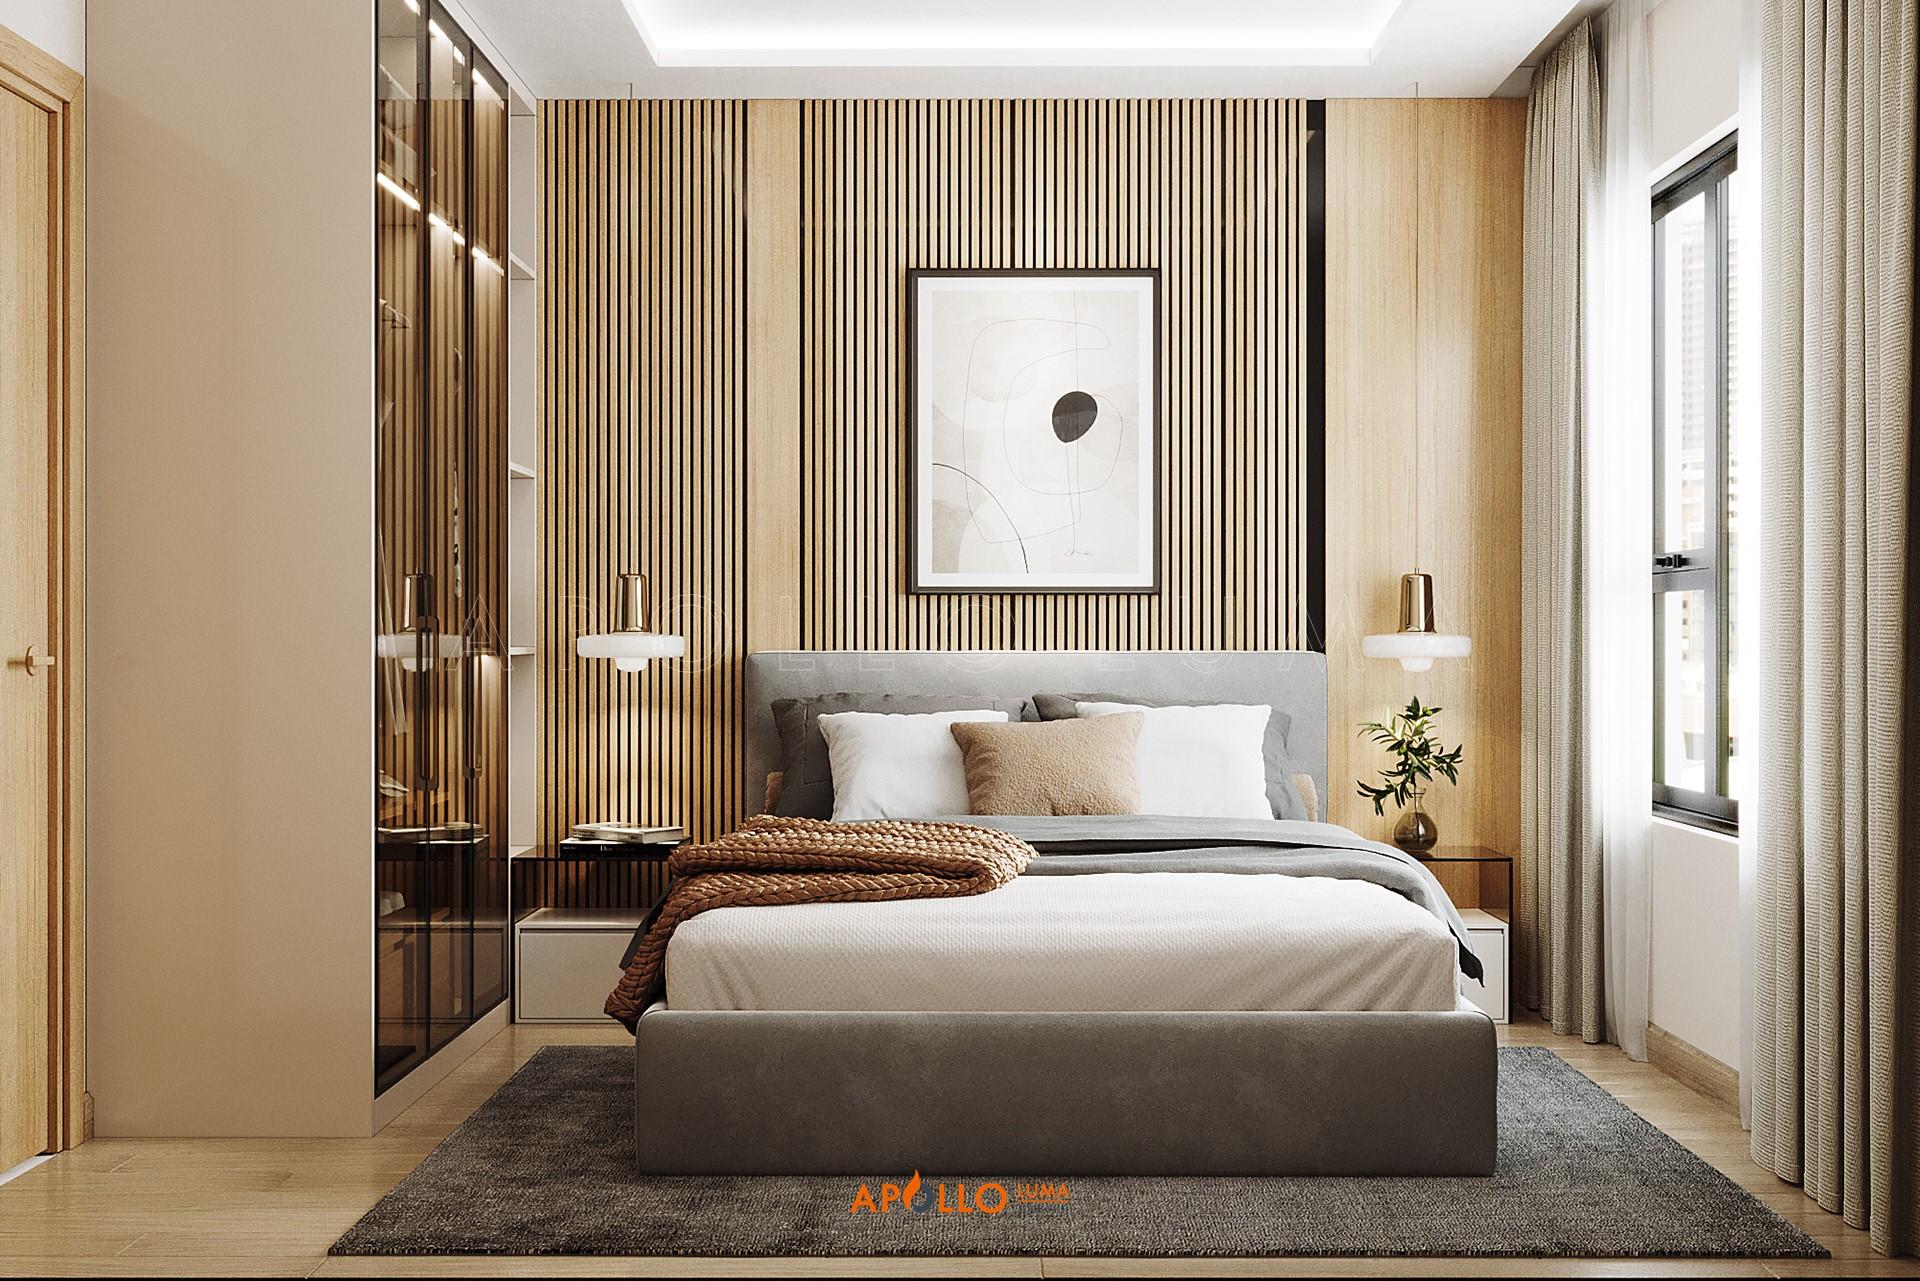 Thiết kế nội thất căn hộ 2 phòng ngủ (55m2) Tòa S1.01 Vinhomes Smart City Tây Mỗ